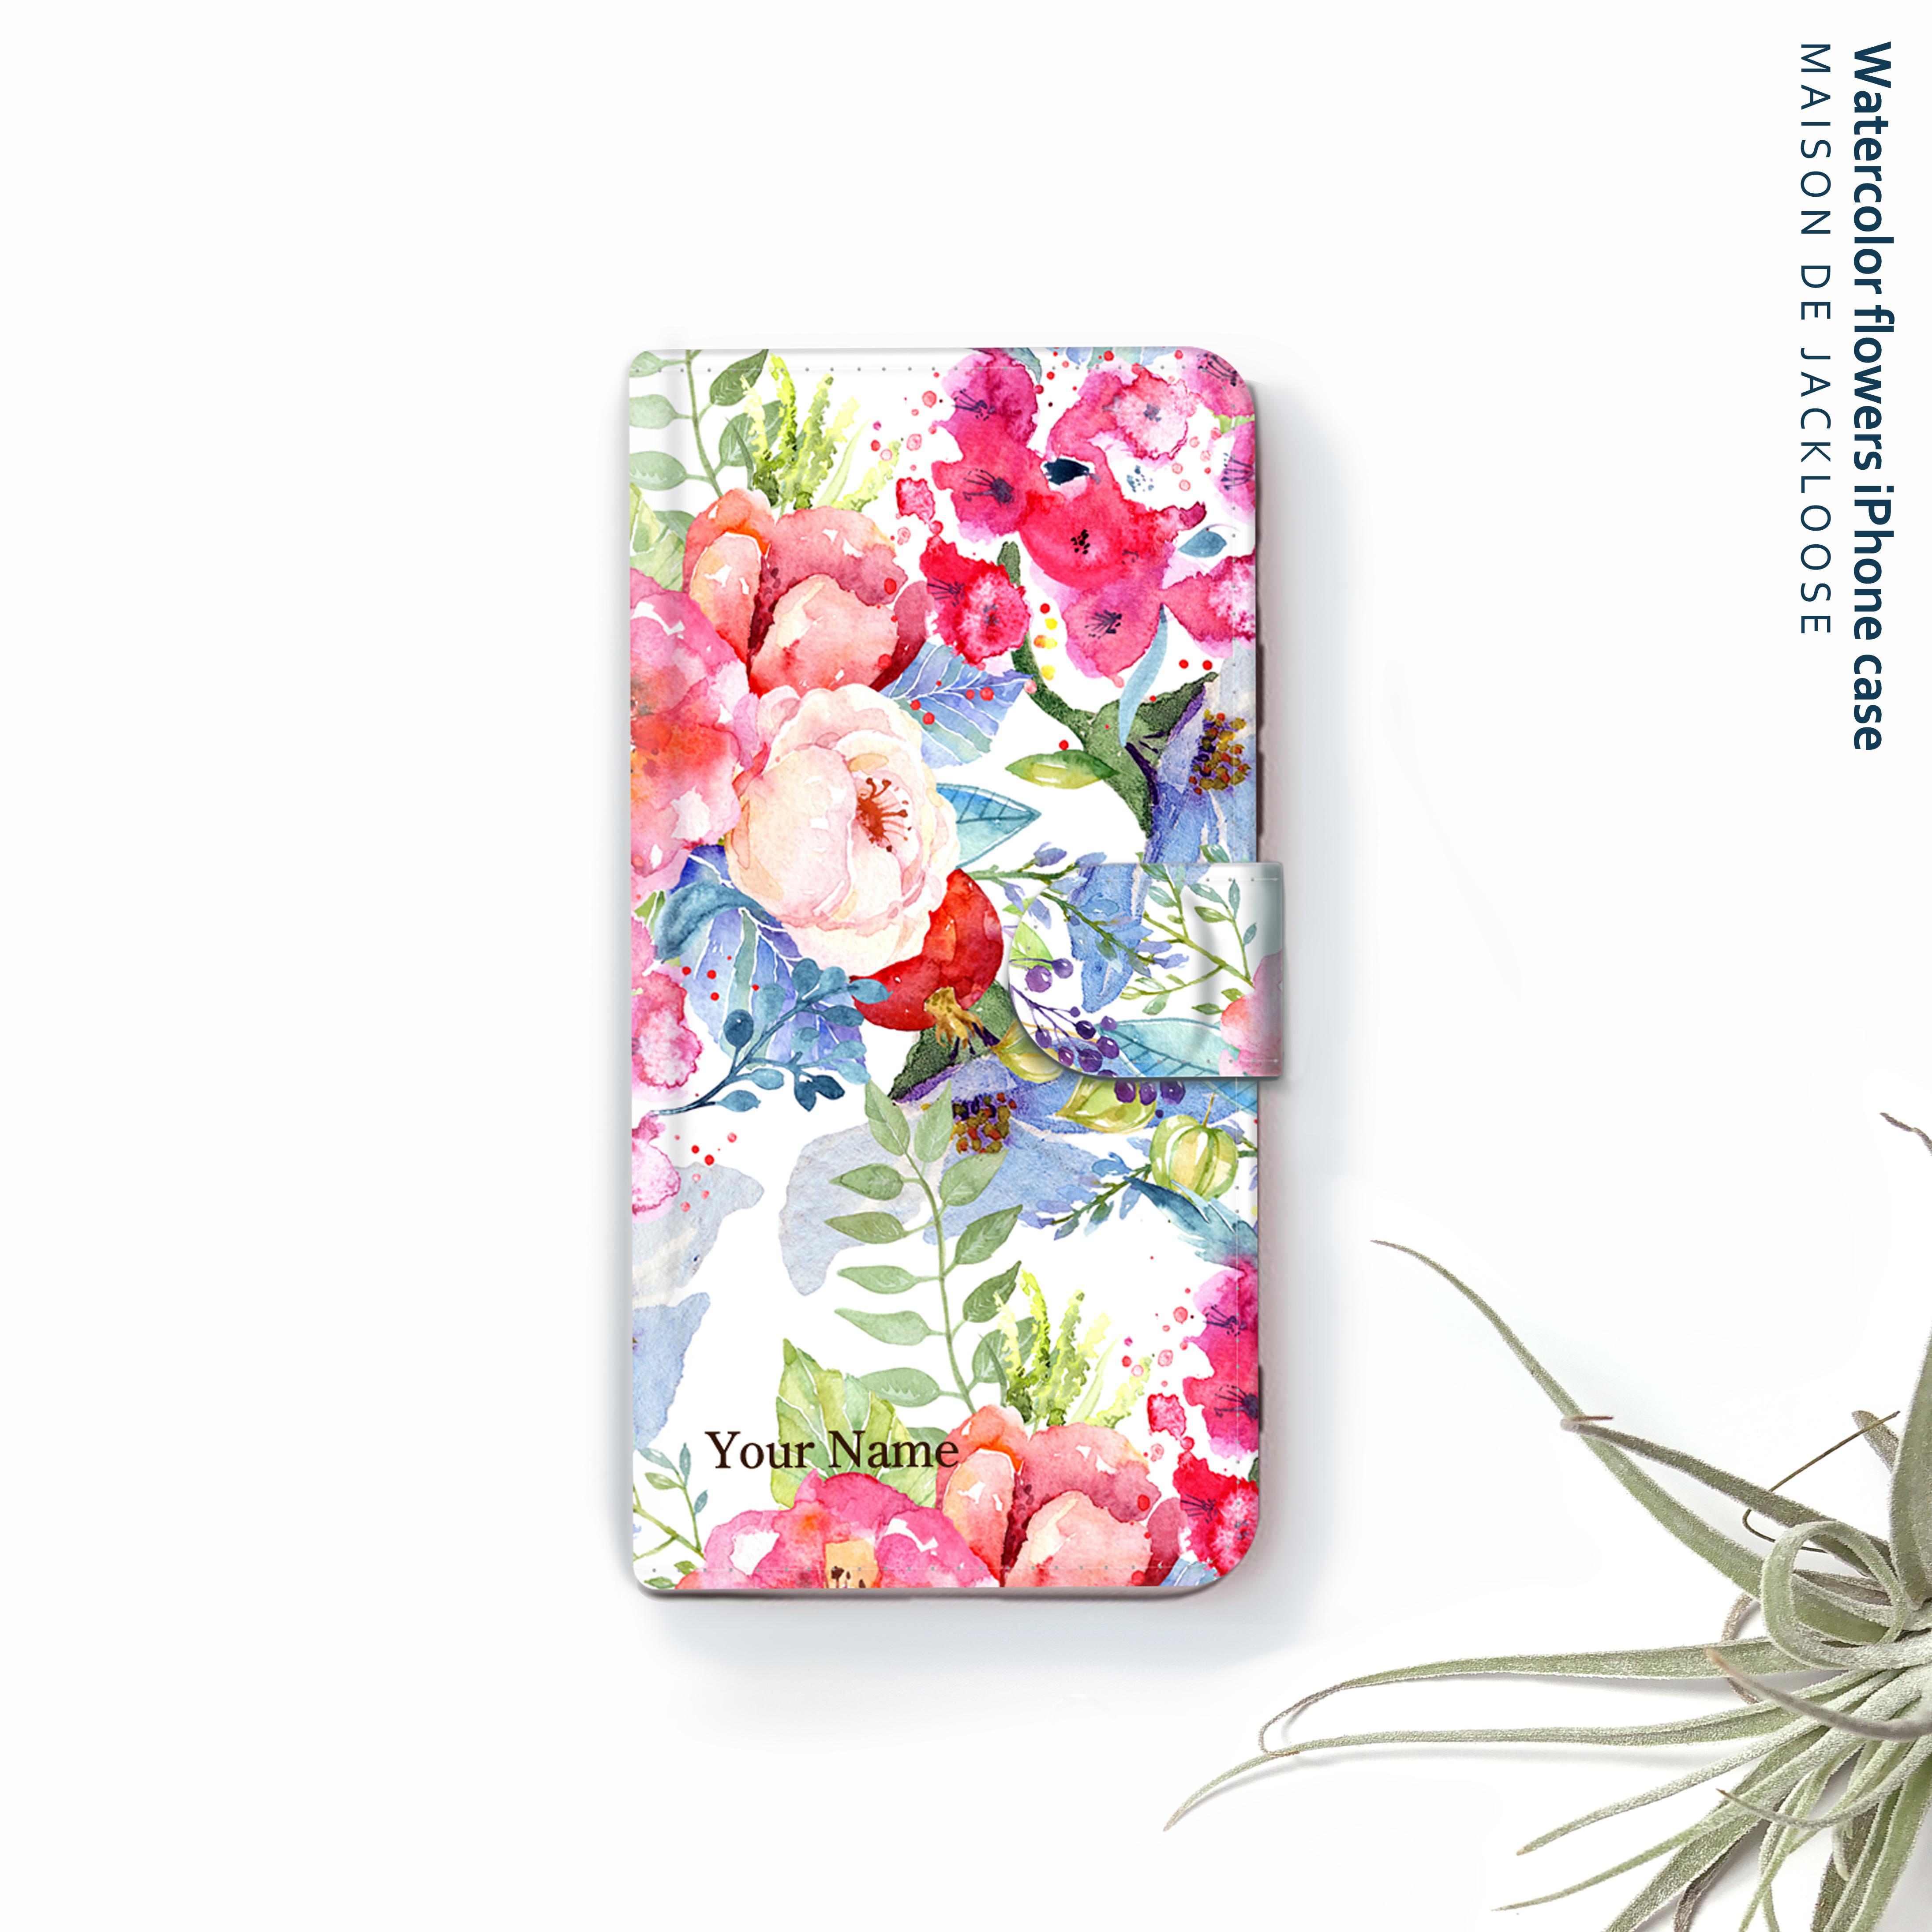 Watercolor  色鮮やかフラワー・お名前入れ【iPhone Androidスマホケース・全機種対応 専用カメラホール】